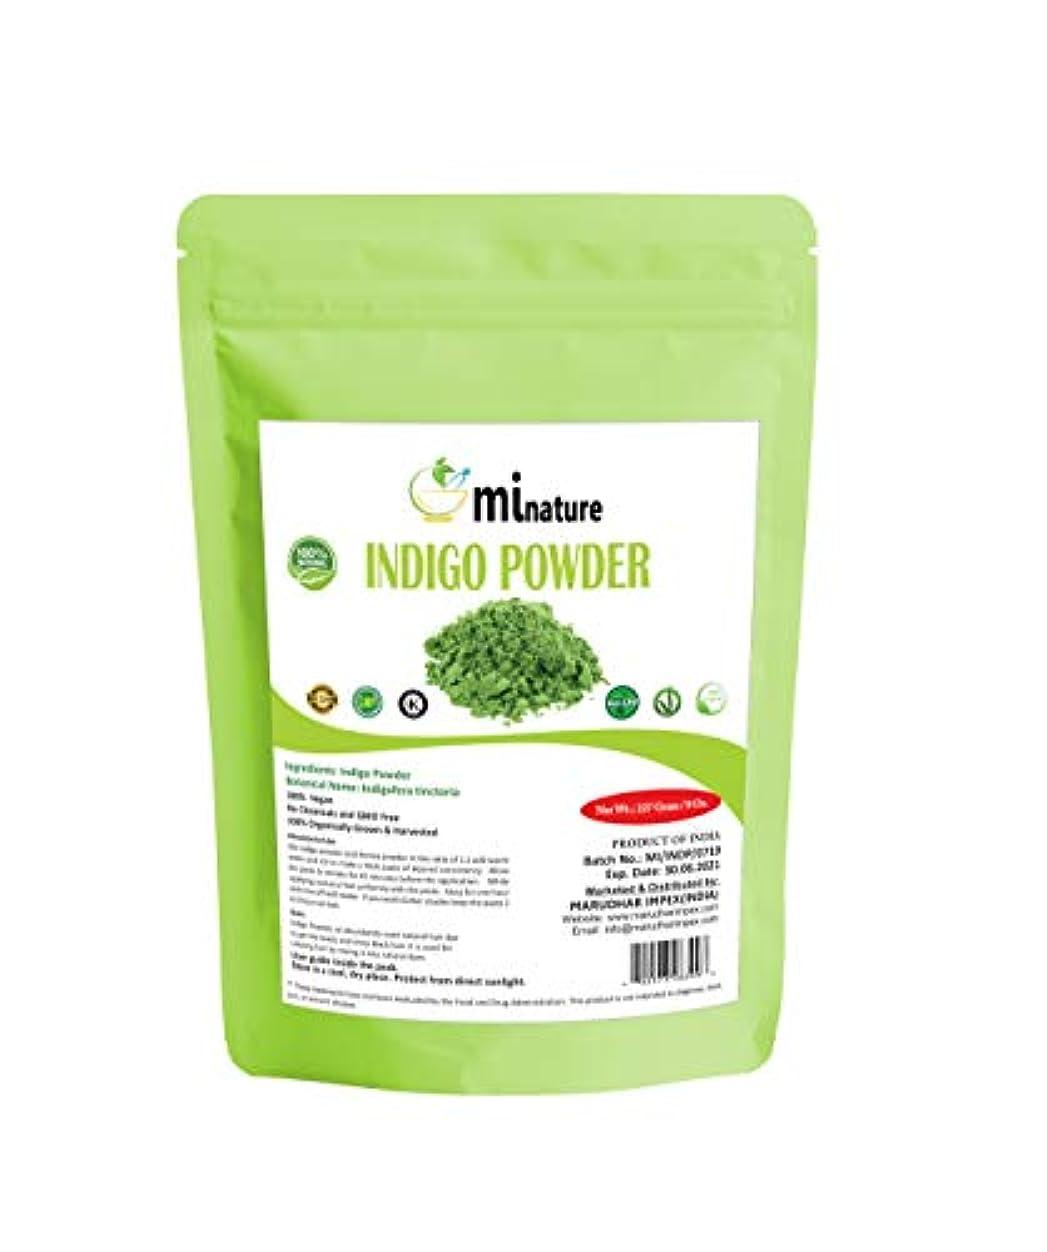 マルクス主義免除するブラザーmi nature Indigo Powder -INDIGOFERA TINCTORIA ,(100% NATURAL , ORGANICALLY GROWN ) 1/2 LB (227 grams) RESEALABLE...